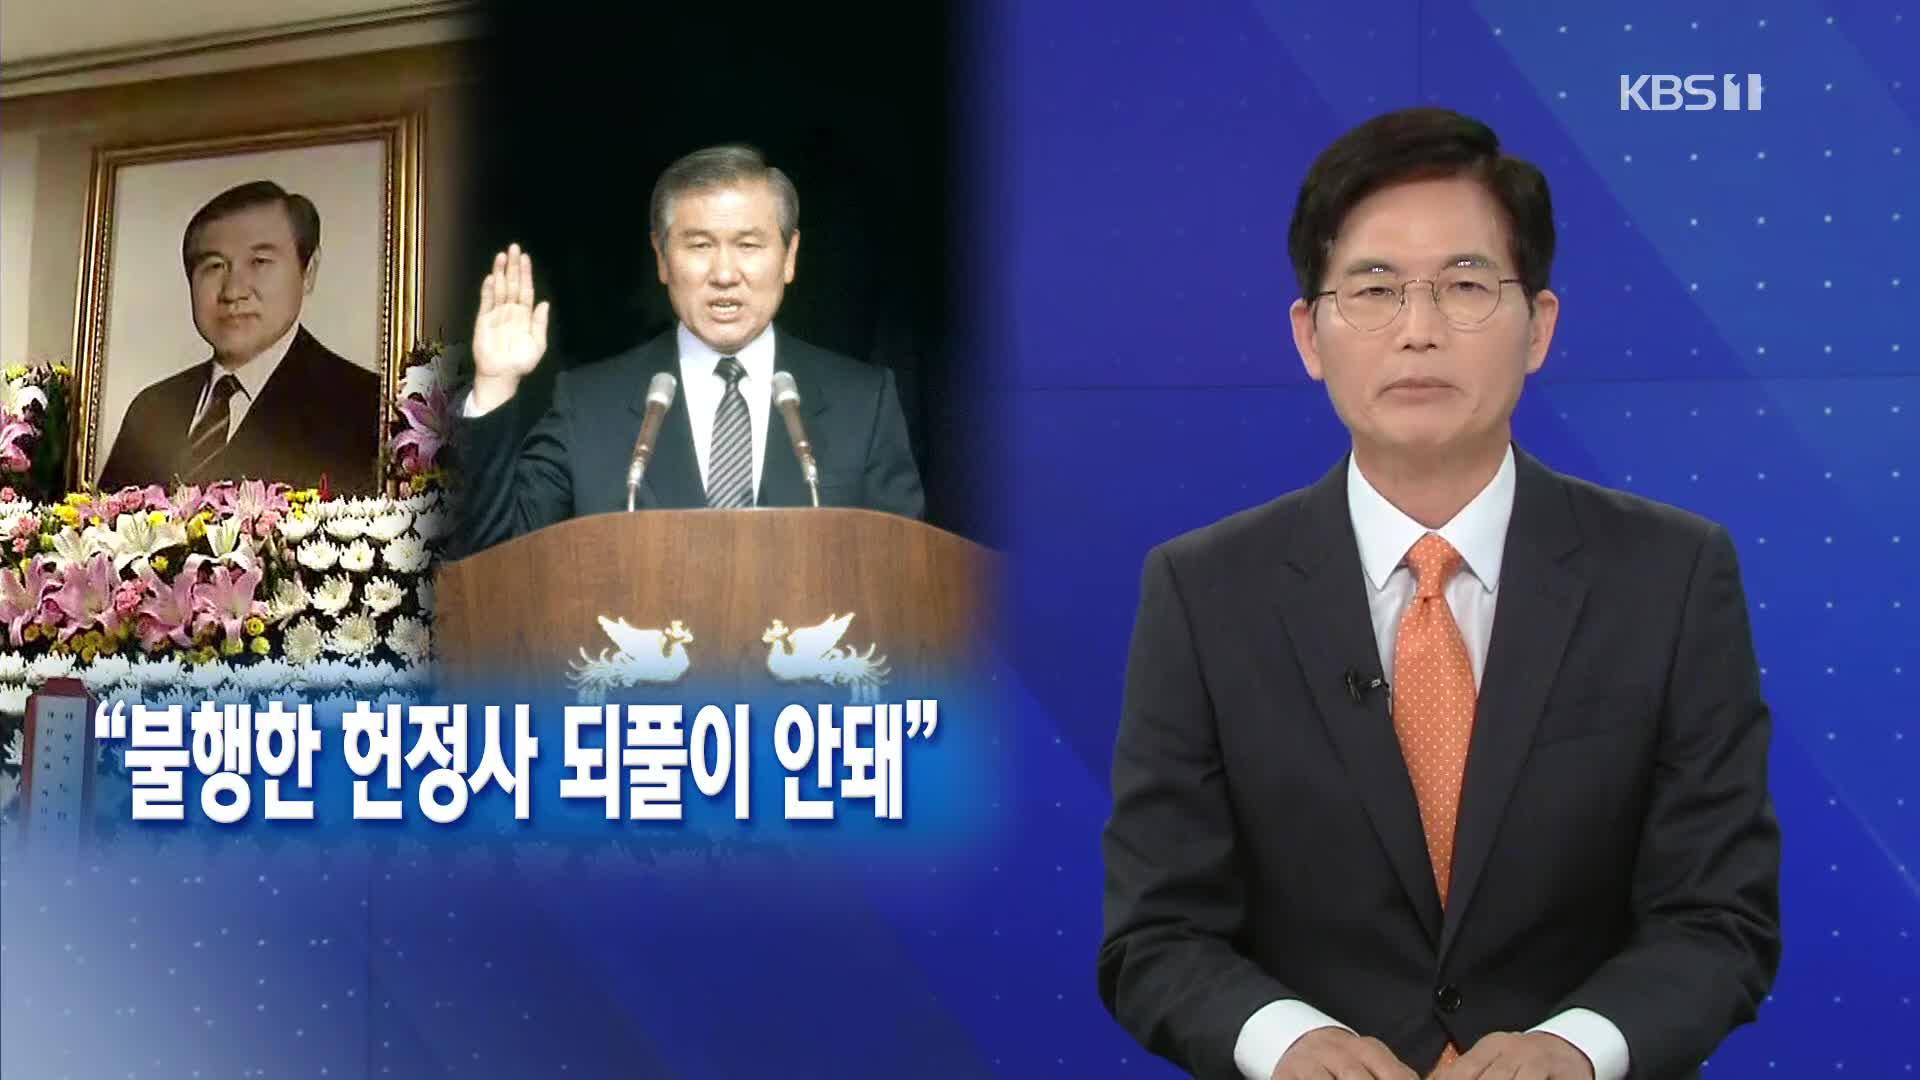 [뉴스해설] 공·과 감안한 '국가장' 결정